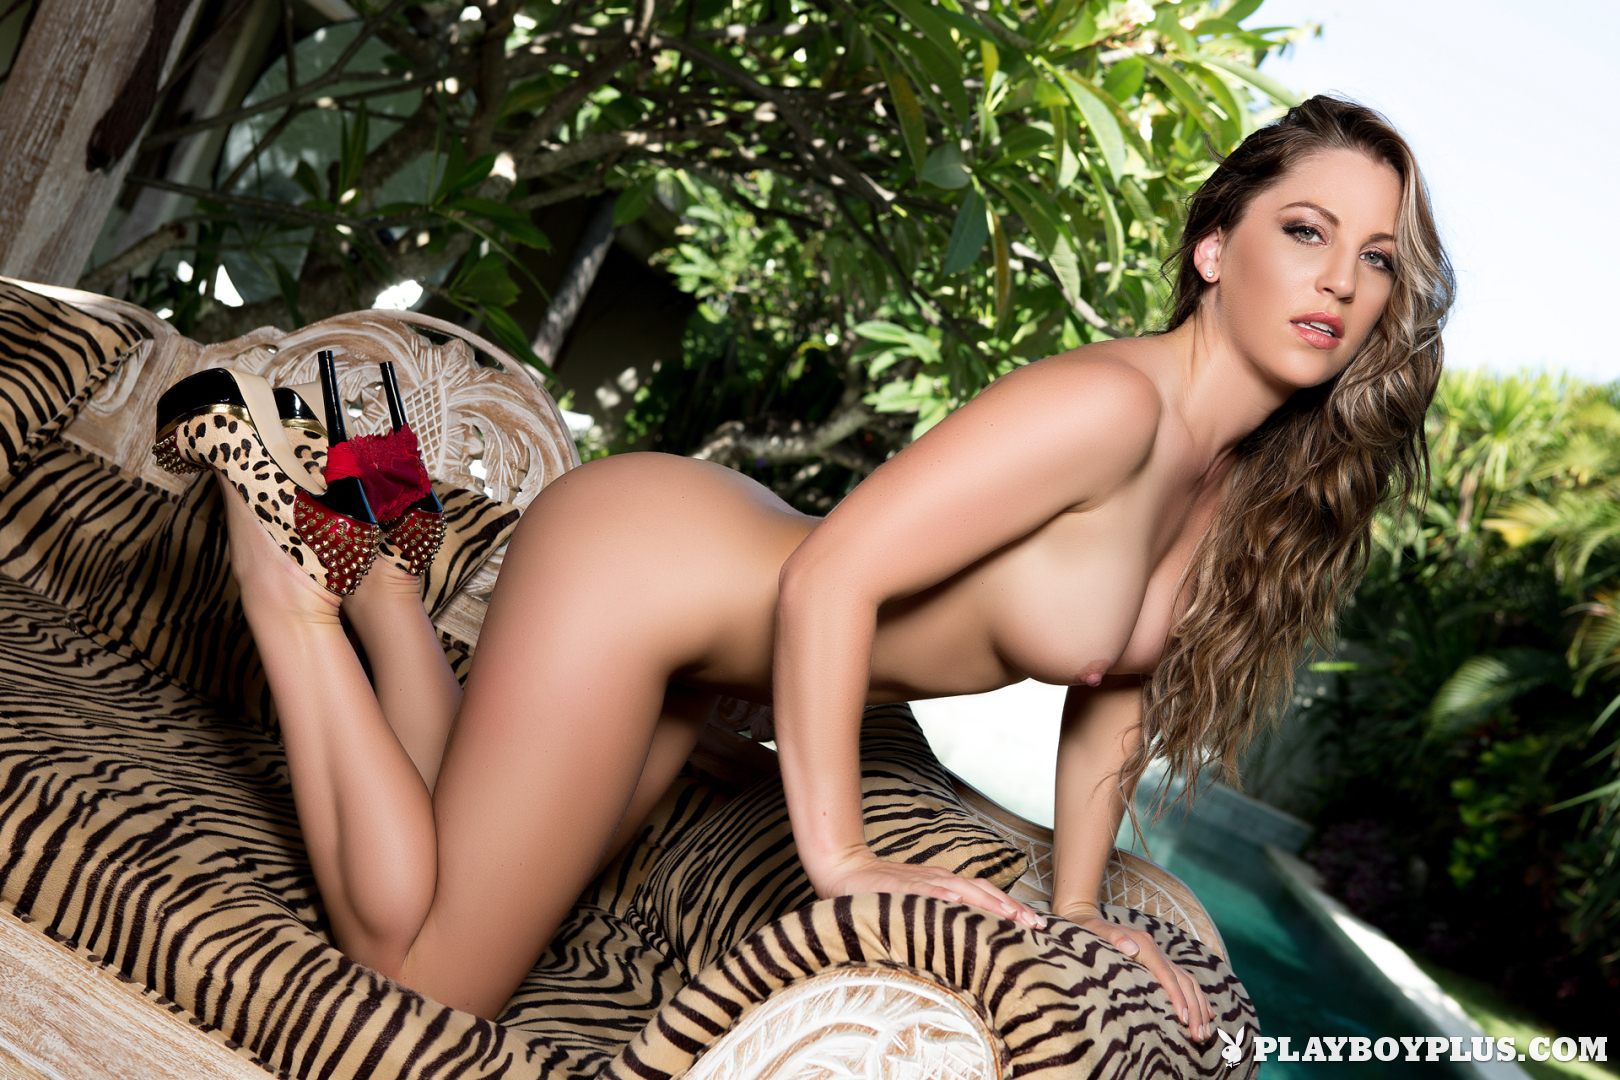 nude-photos-of-alisha-harris-naudia-nyce